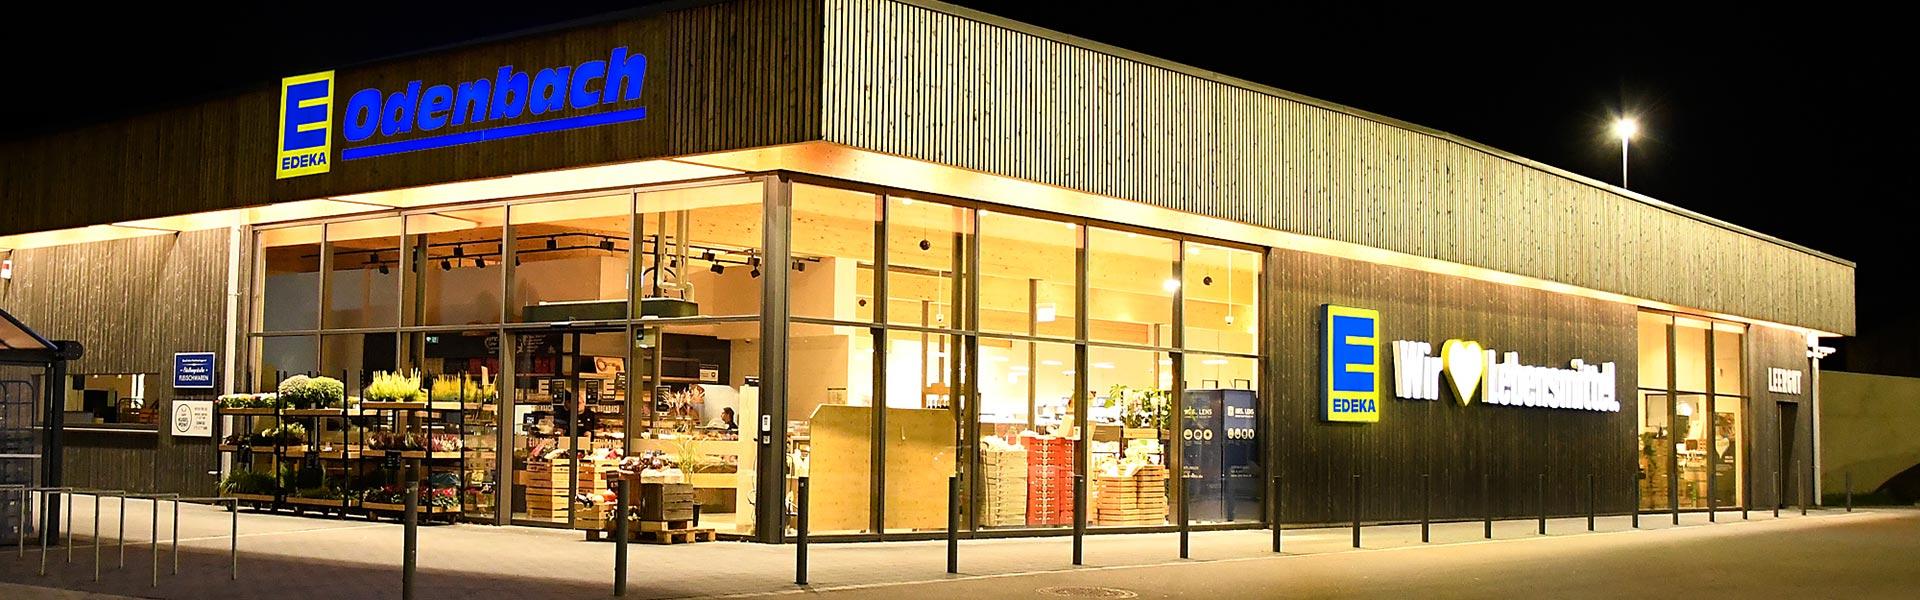 Supermarkt EDEKA Odenbach in Weyarn